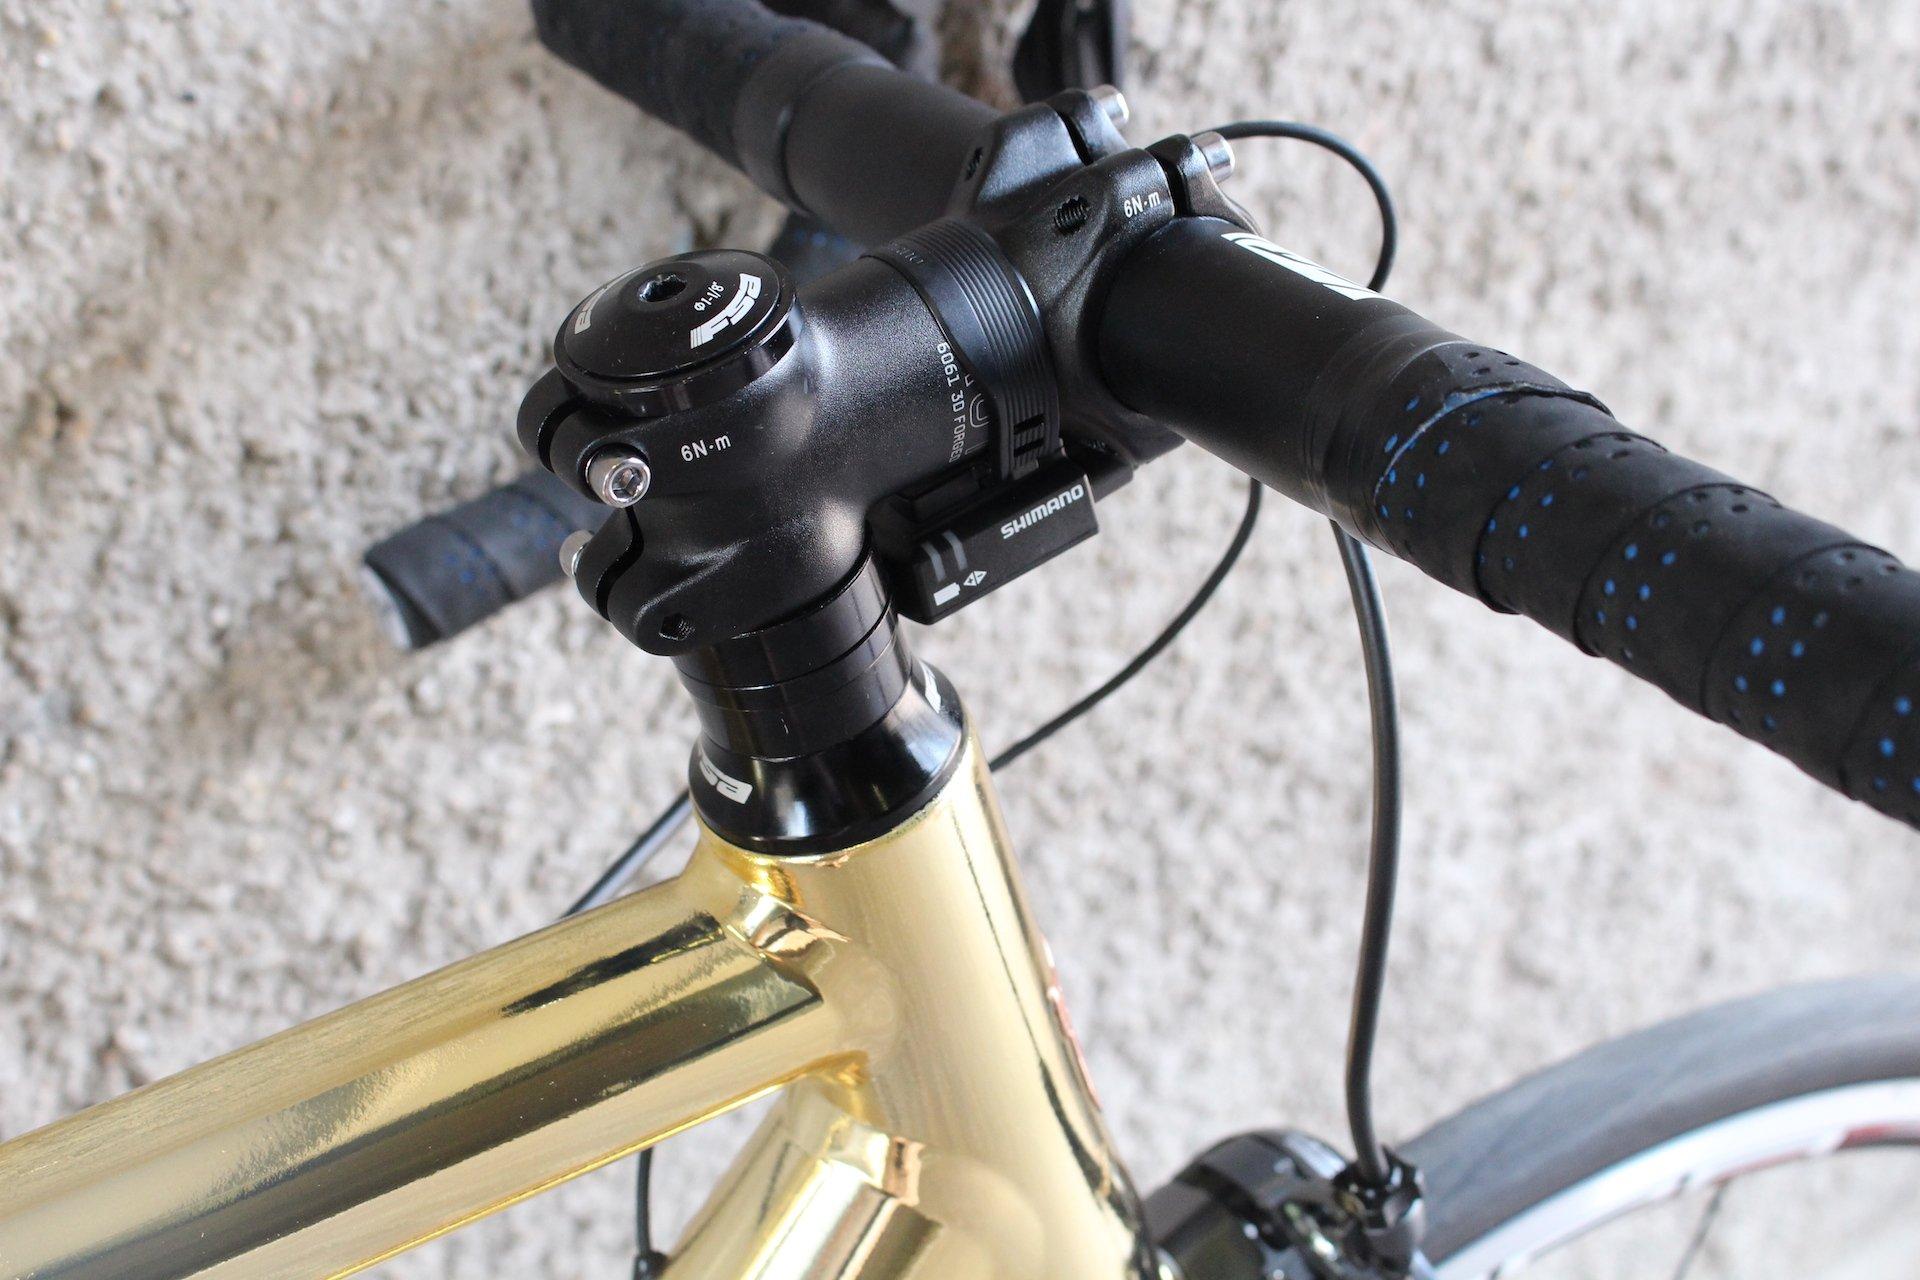 Racefiets | Wielrennen | Fiets op maat | Gouden fiets